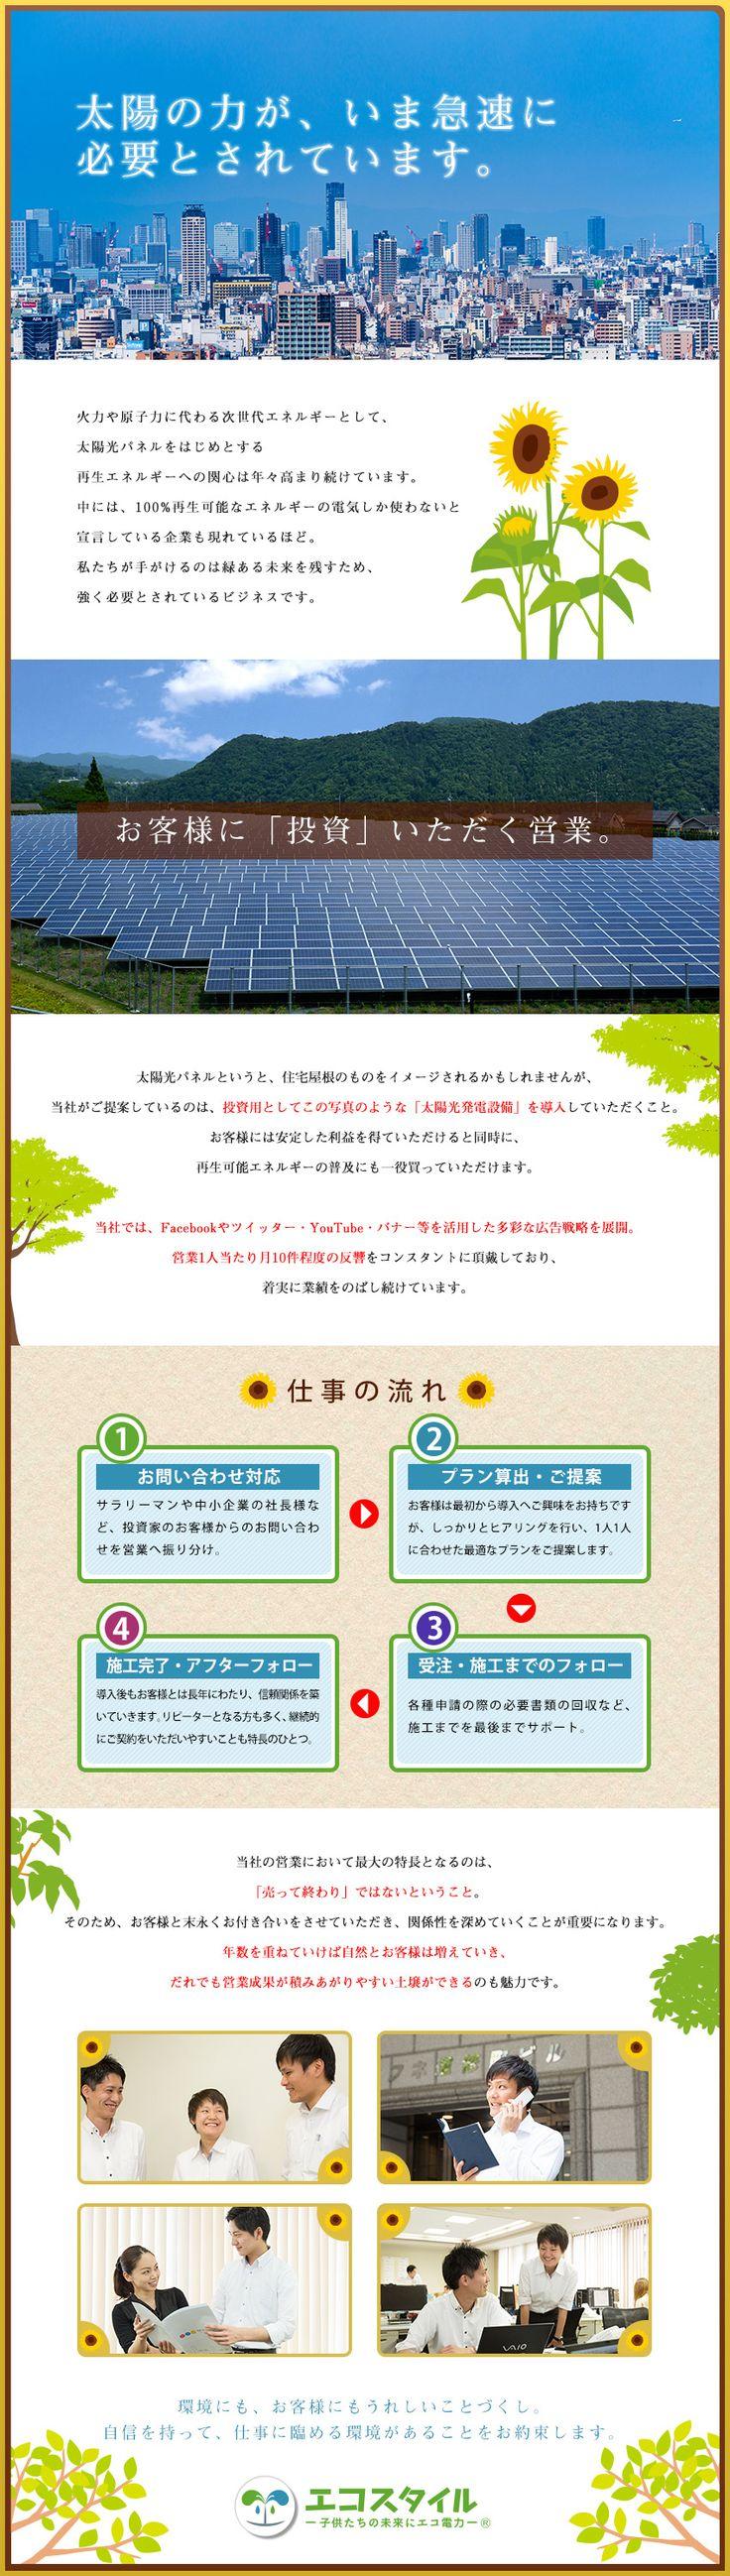 株式会社エコスタイル/再生可能エネルギー(投資用・産業用太陽光パネル)の反響営業/月給28万円以上/年間休日120日の求人PR - 転職ならDODA(デューダ)